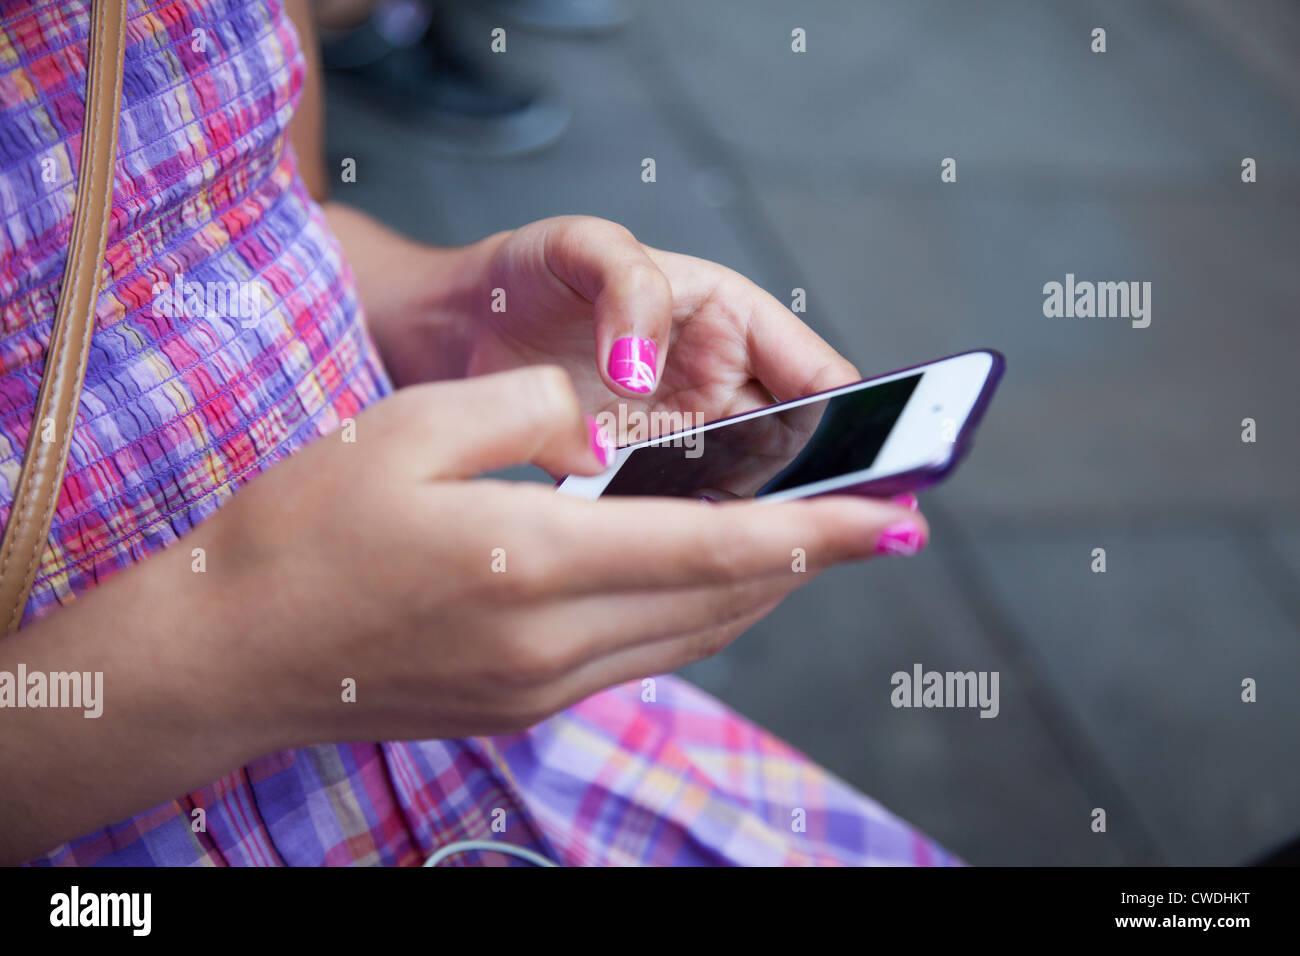 Ragazza giovane,con unghie verniciate invia messaggio sul touch screen smart phone-close-up Immagini Stock